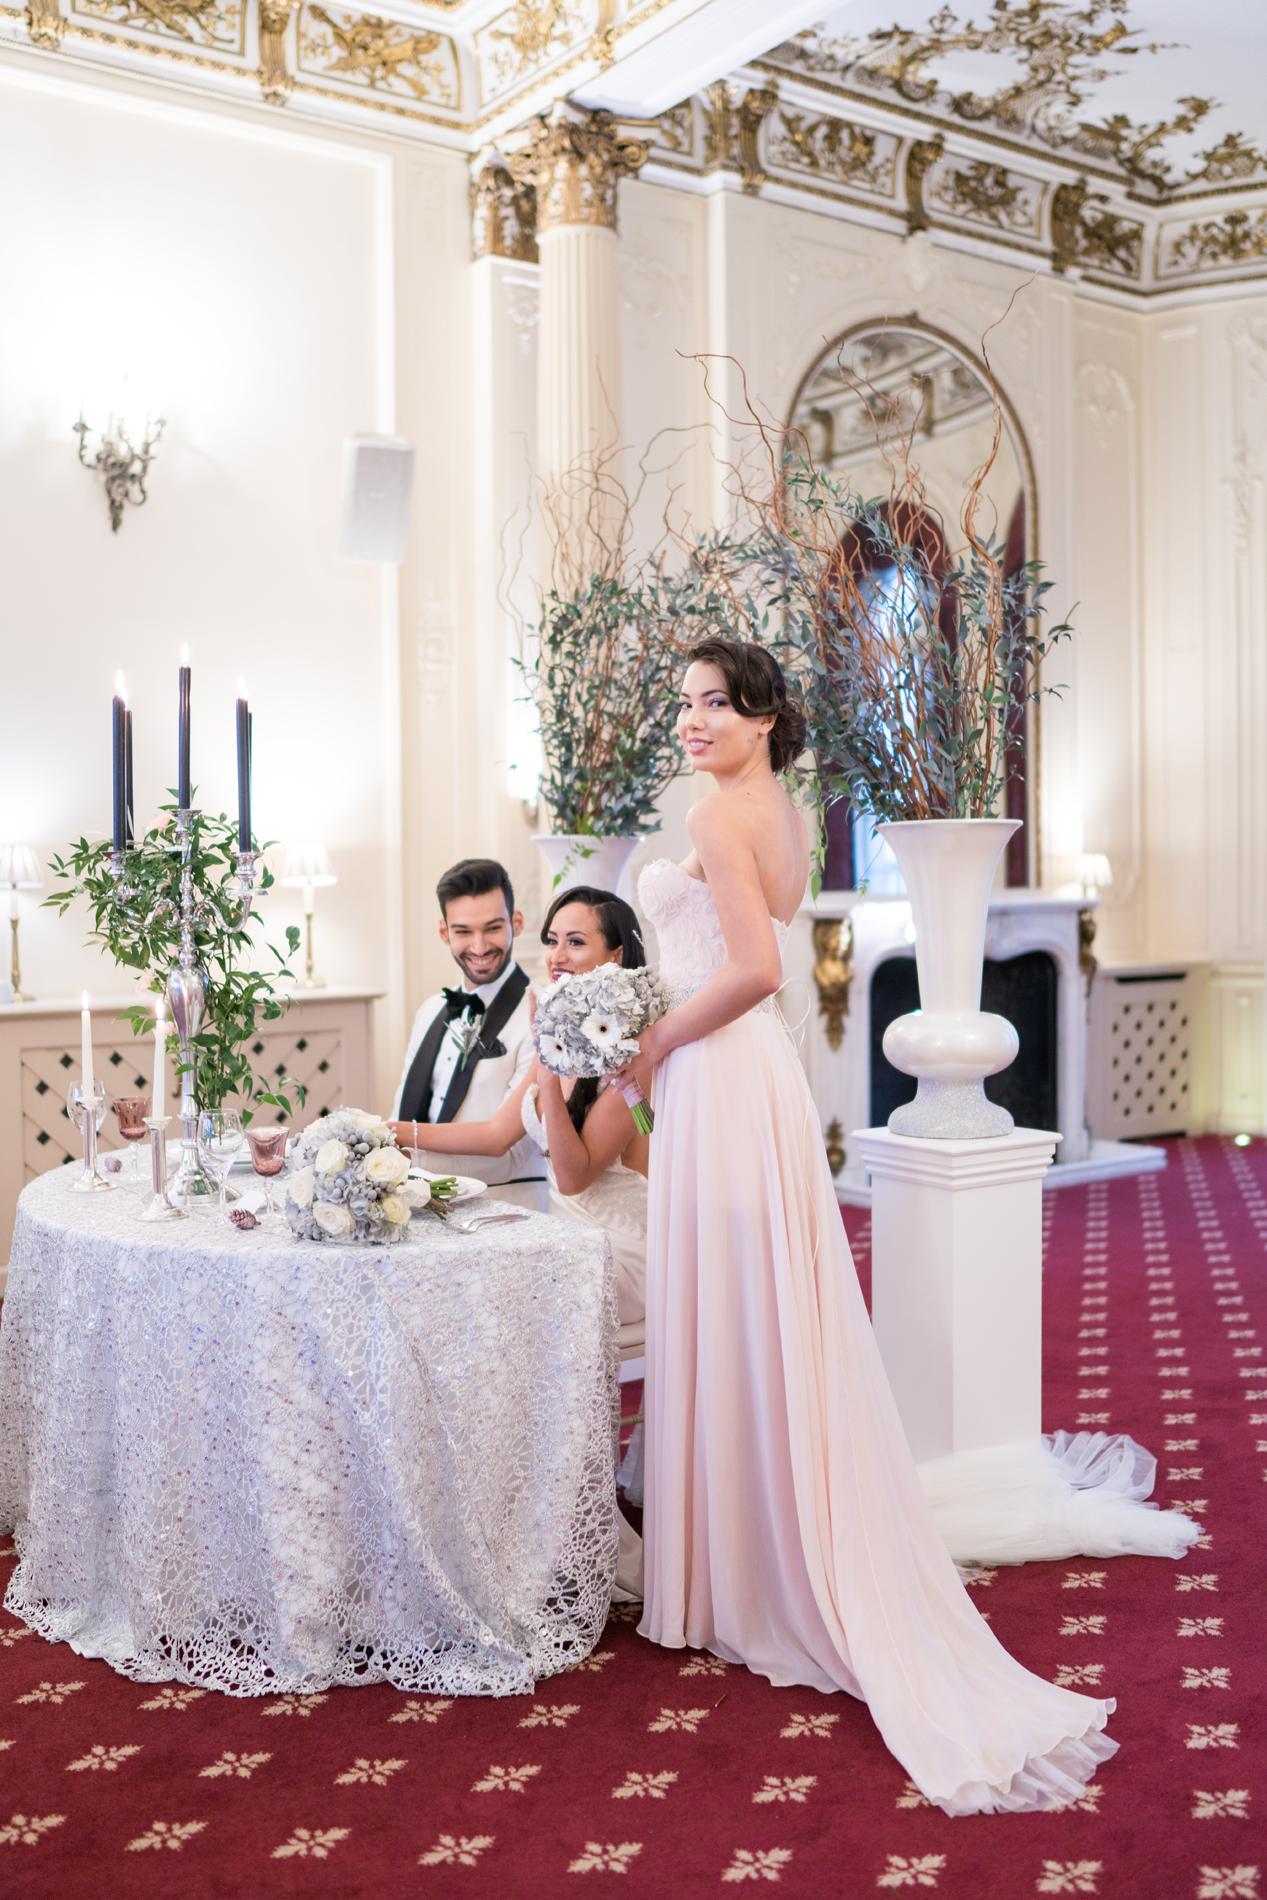 Bridal Shoot Hamilton Place by Ioana Porav170.jpg